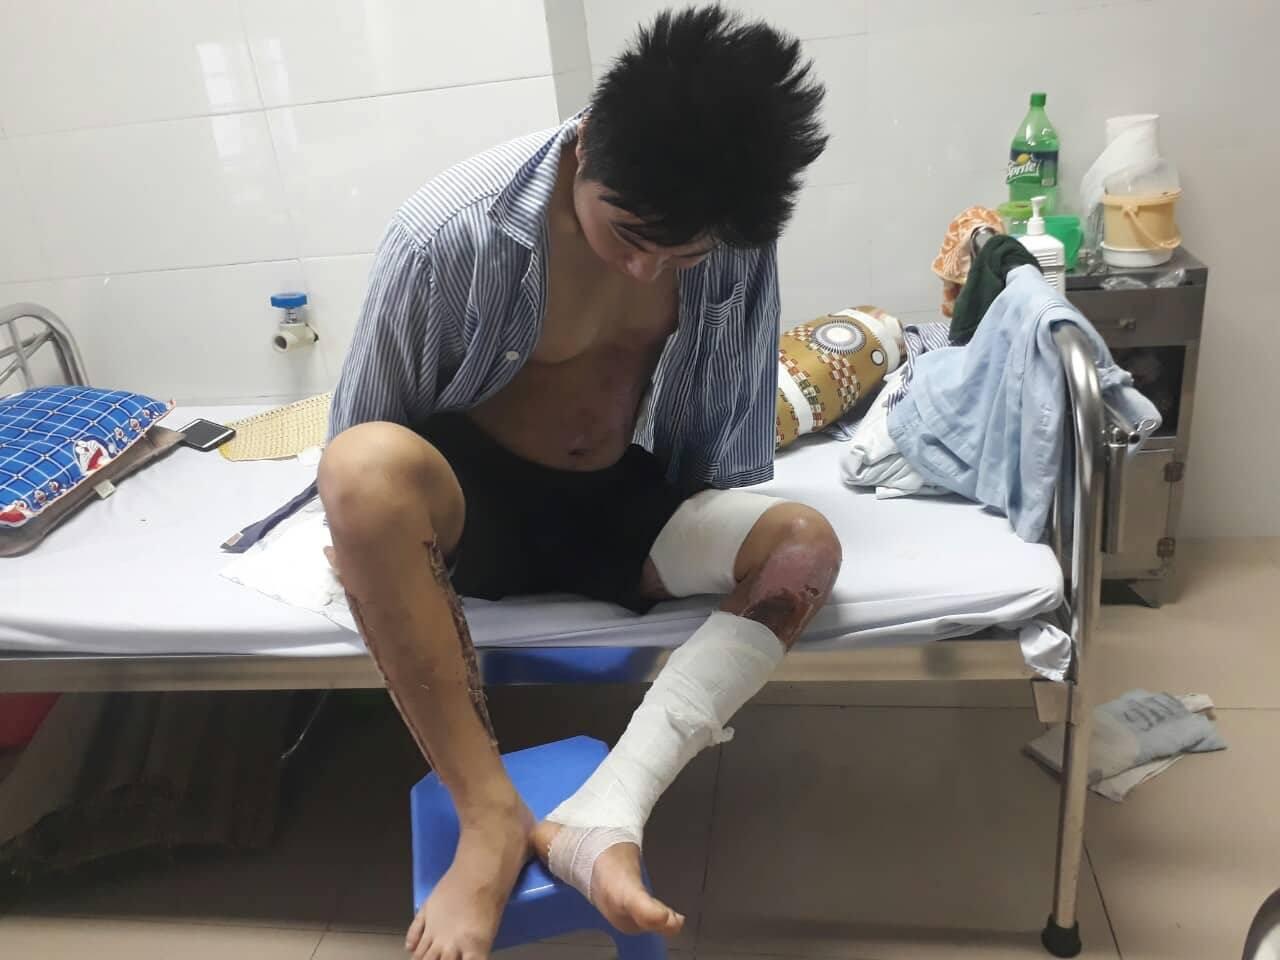 Hành trình phục hồi từ cơ thể bị bỏng nặng 40% đến body cơ bắp khỏe mạnh của chàng trai Thái Nguyên - Ảnh 5.